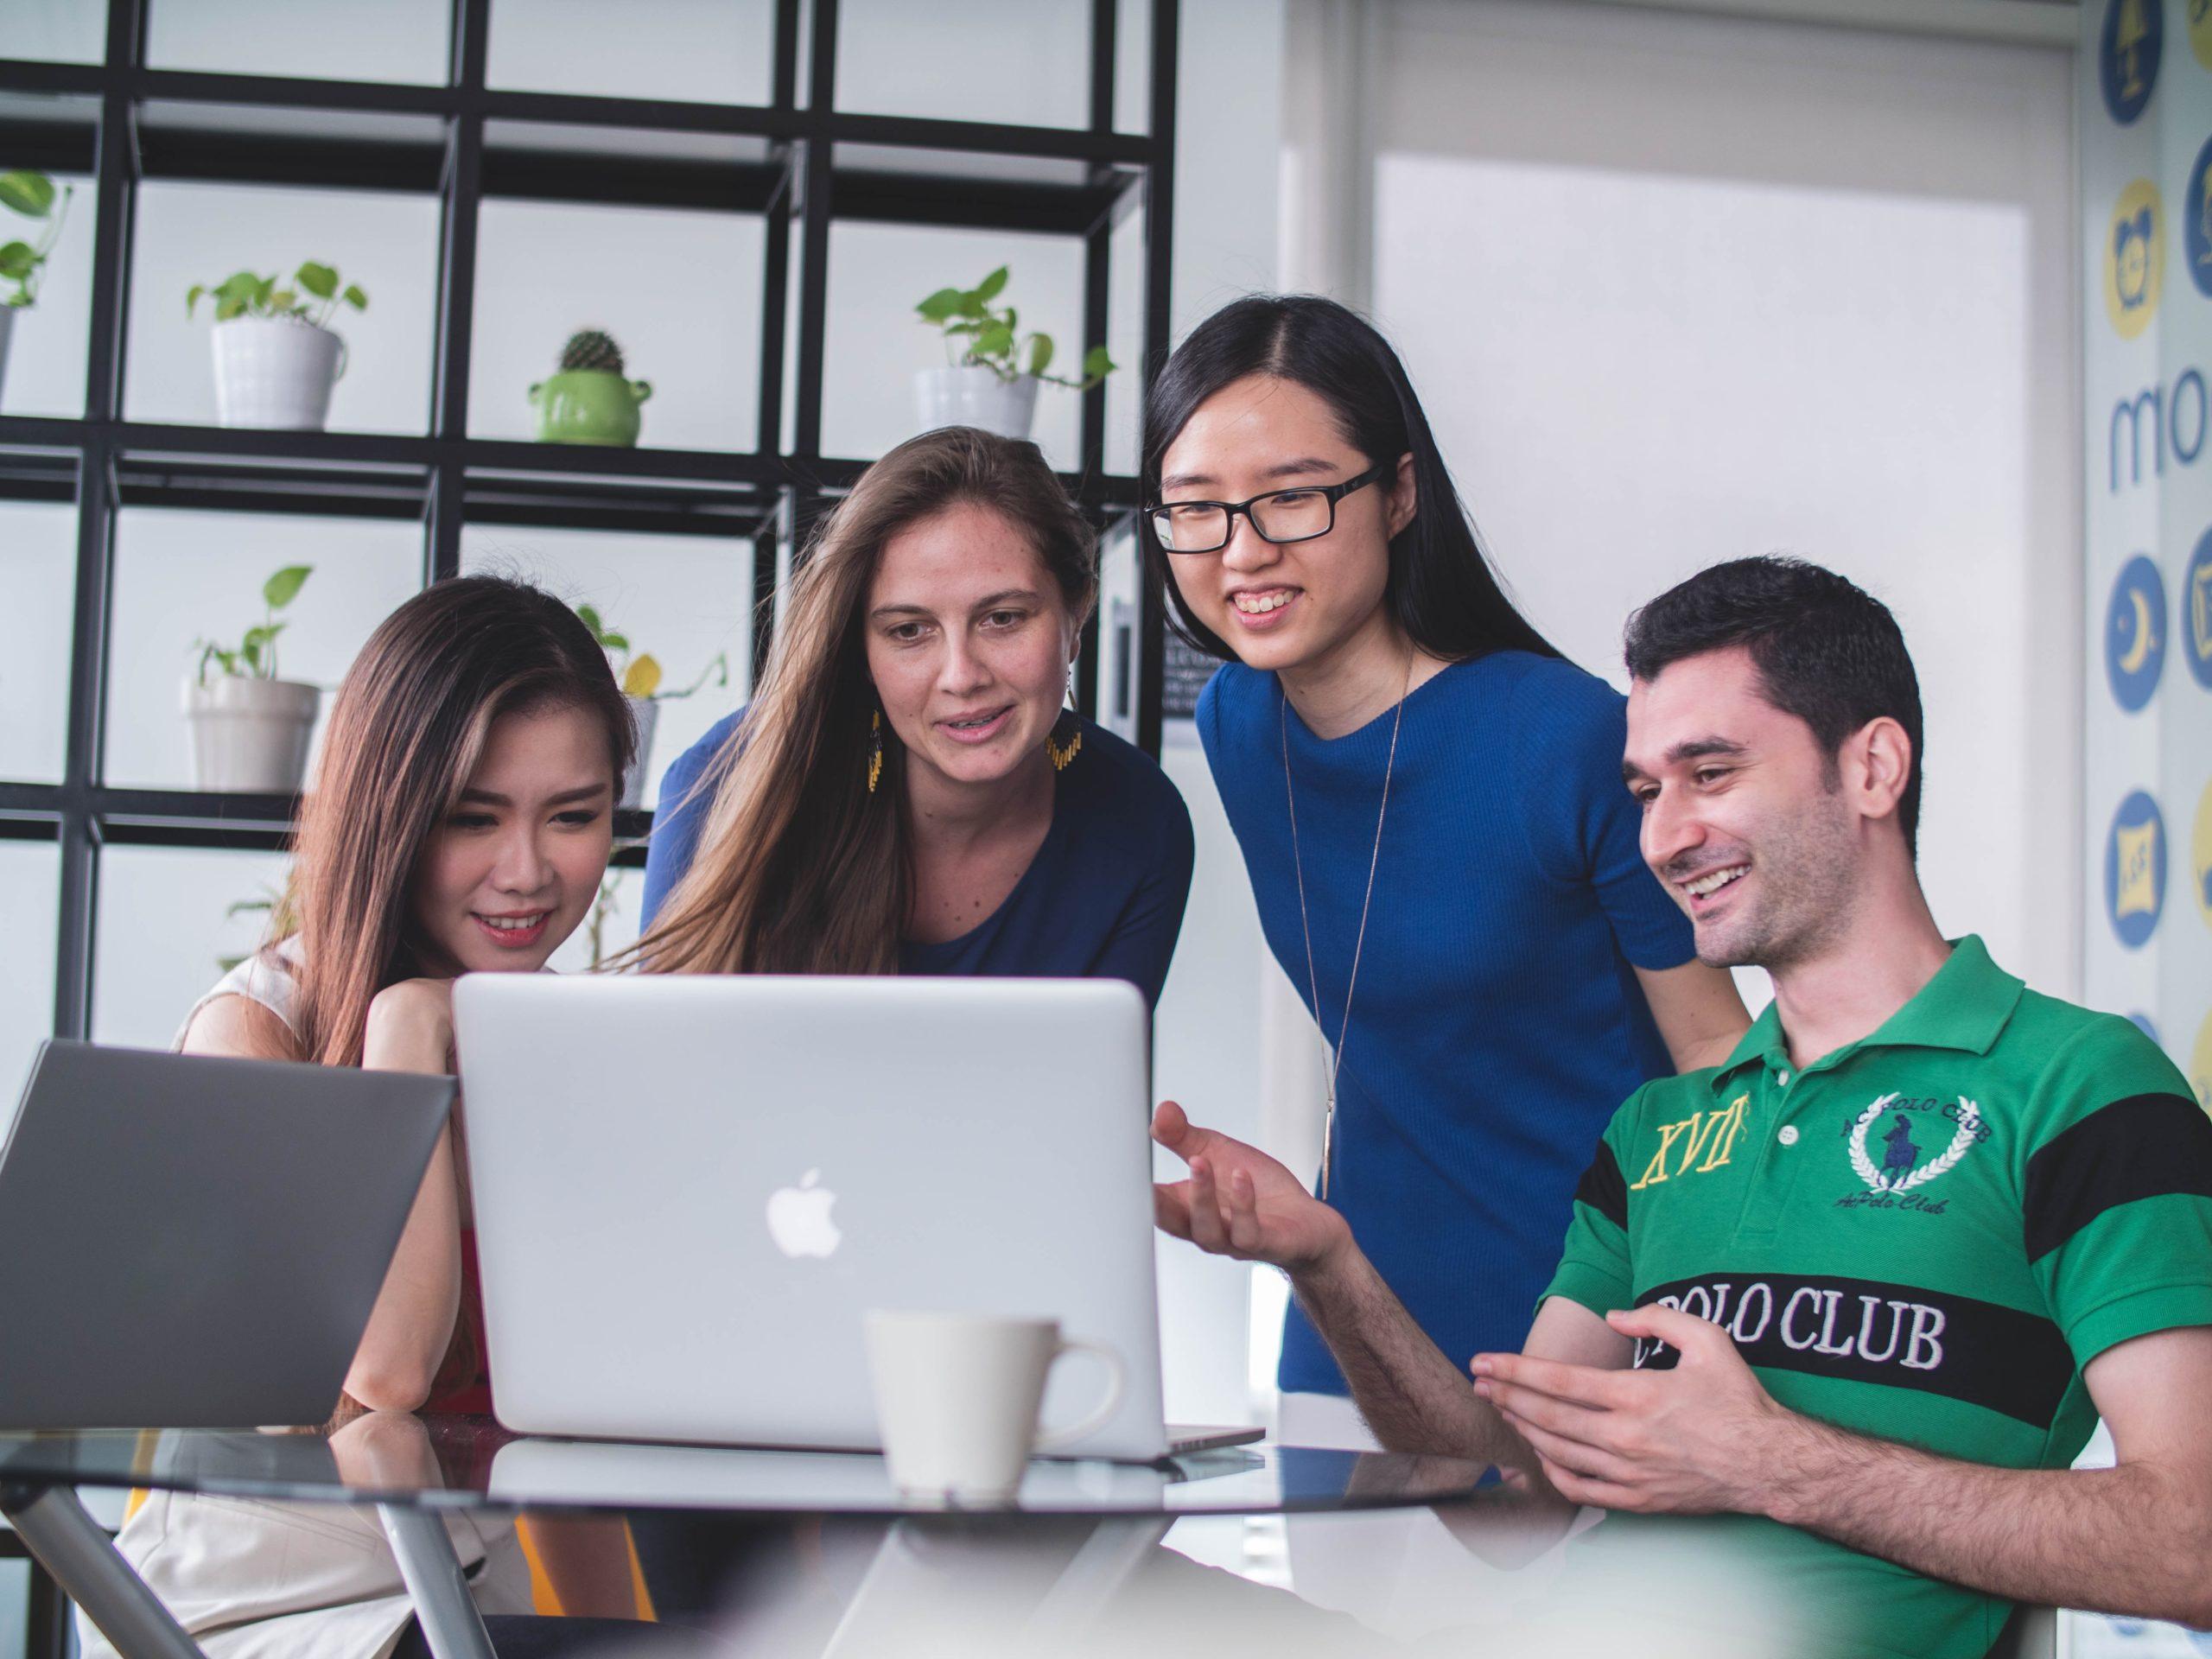 Cuatro personas en una oficina mirando la pantalla de un portátil y sonriendo